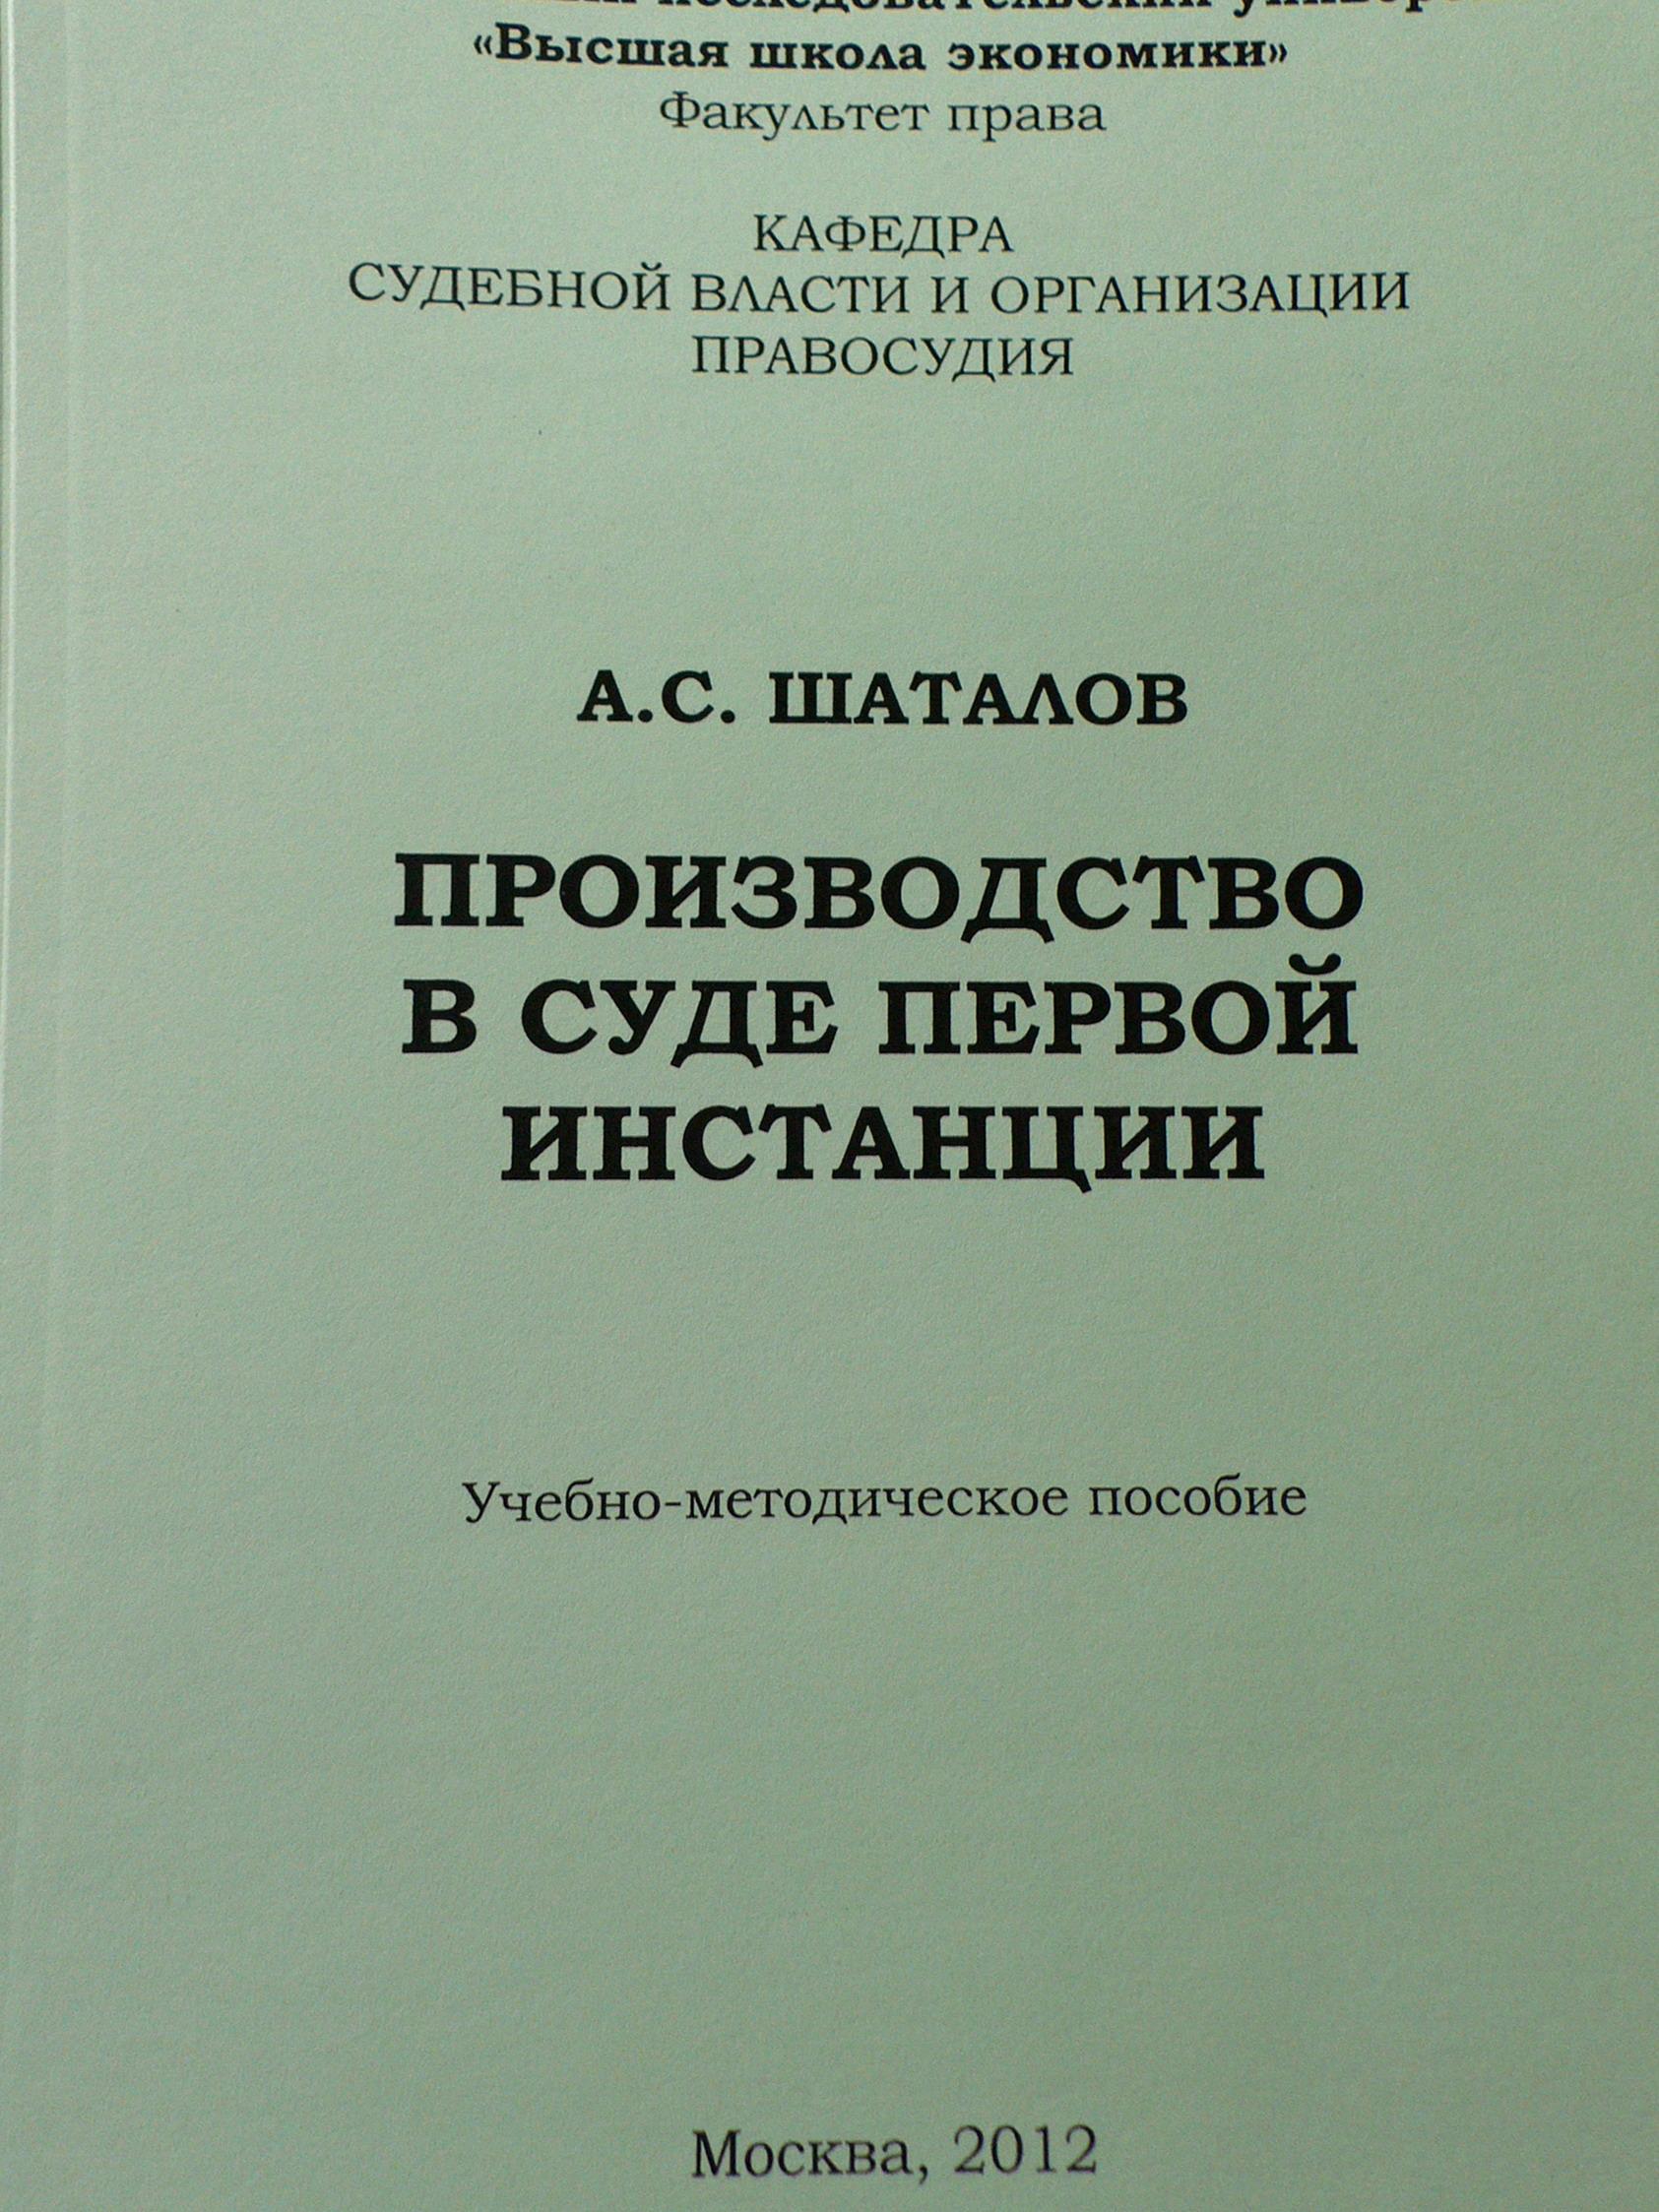 Производство в суде первой инстанции